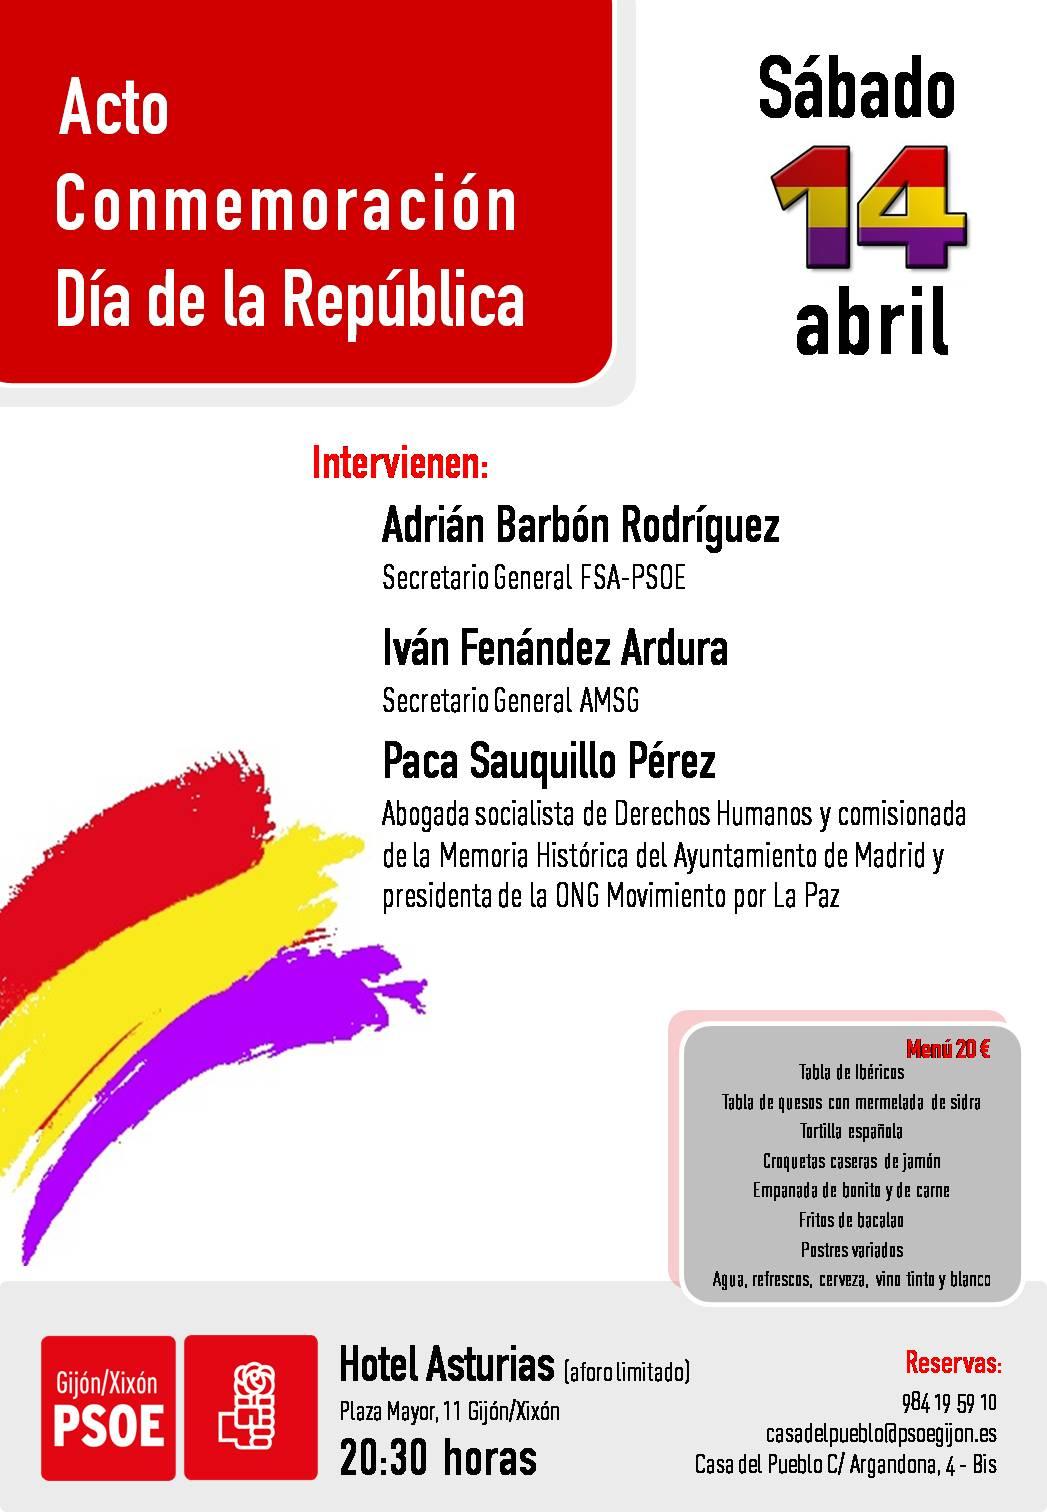 180414_ConmemoraciónRepública